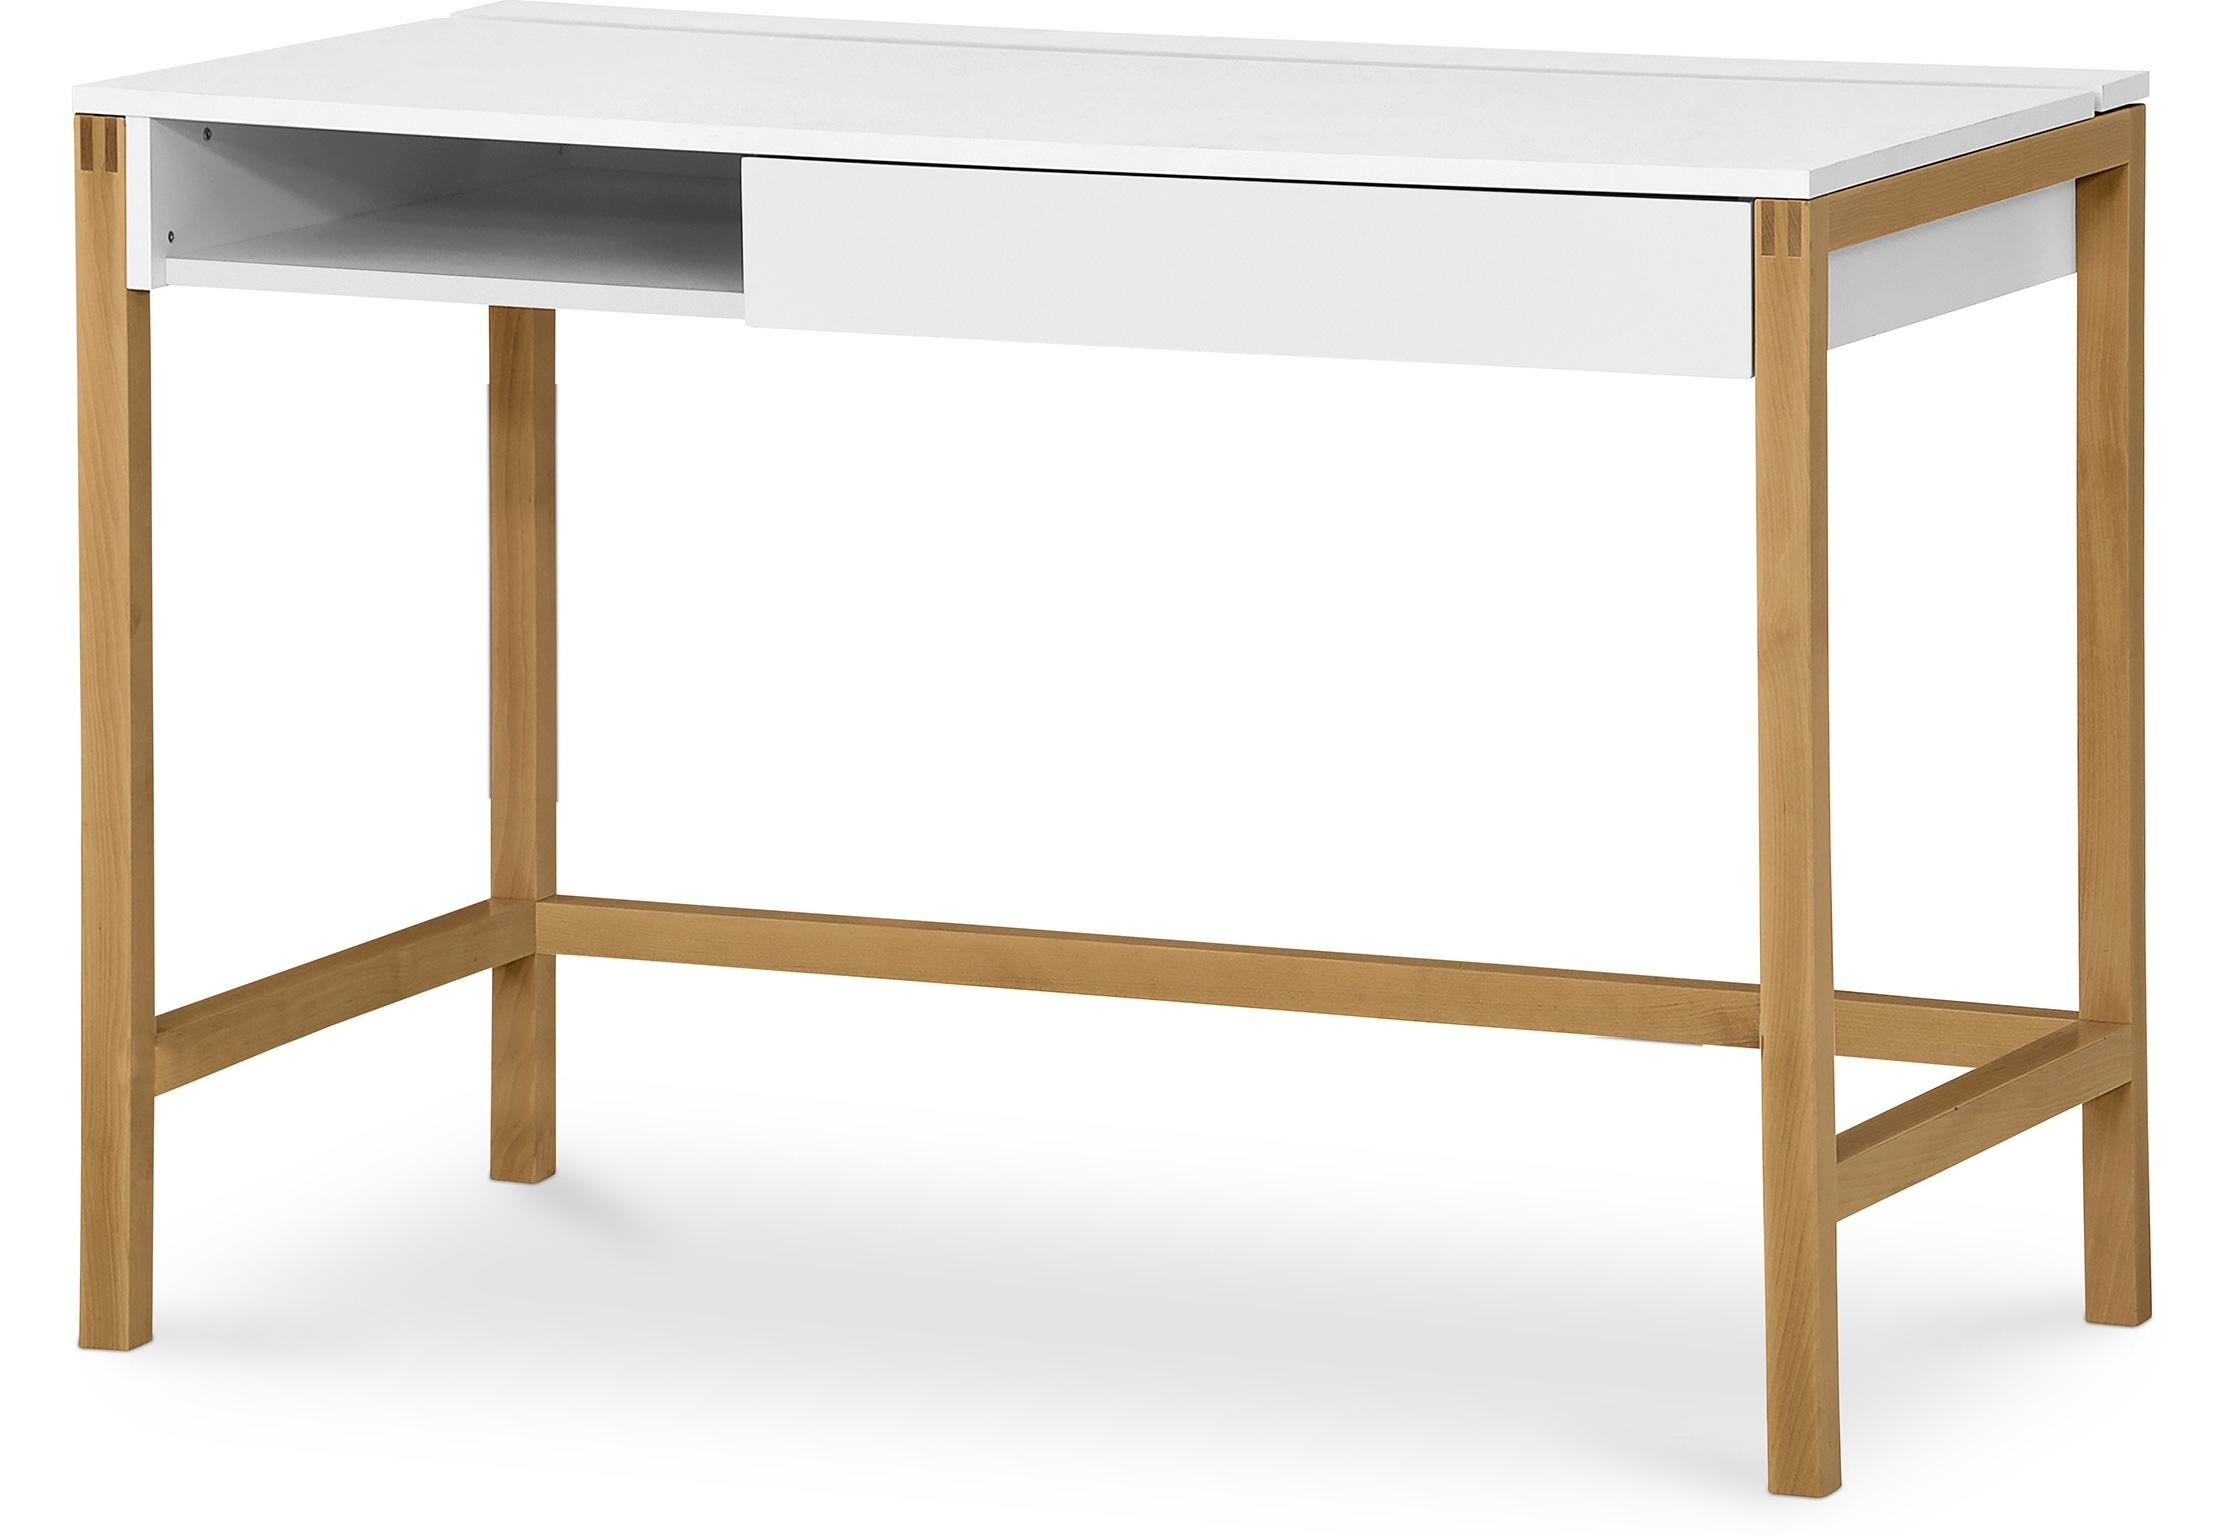 Bureau bois naturel et blanc scandino - Bureau bois et blanc ...